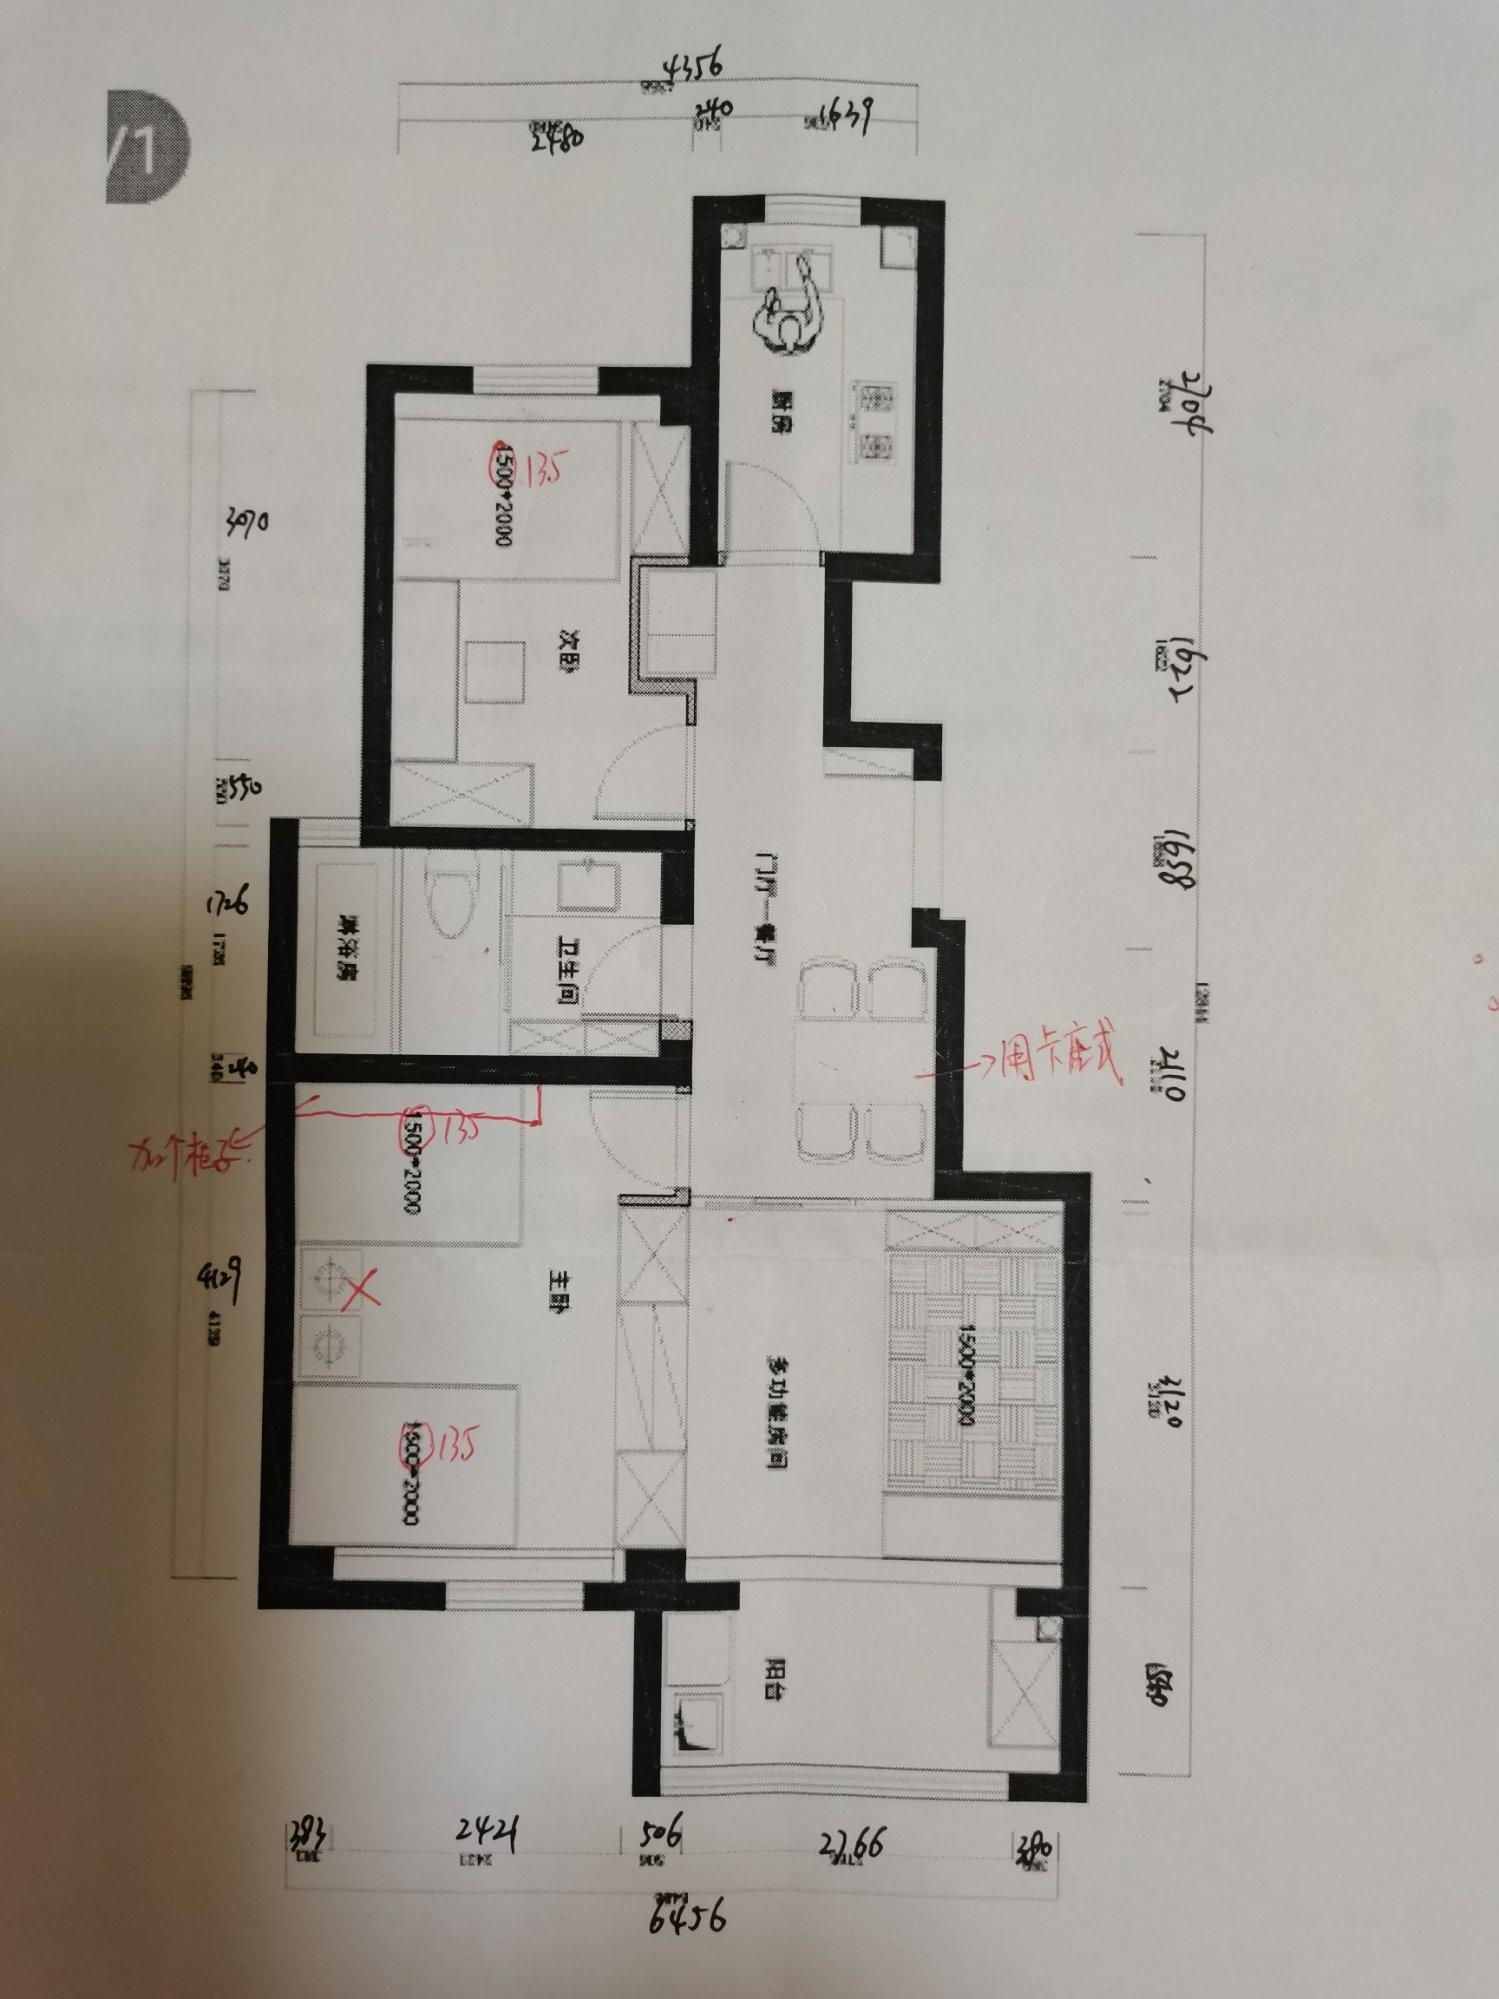 想要两房变三房,大家有什么好建议